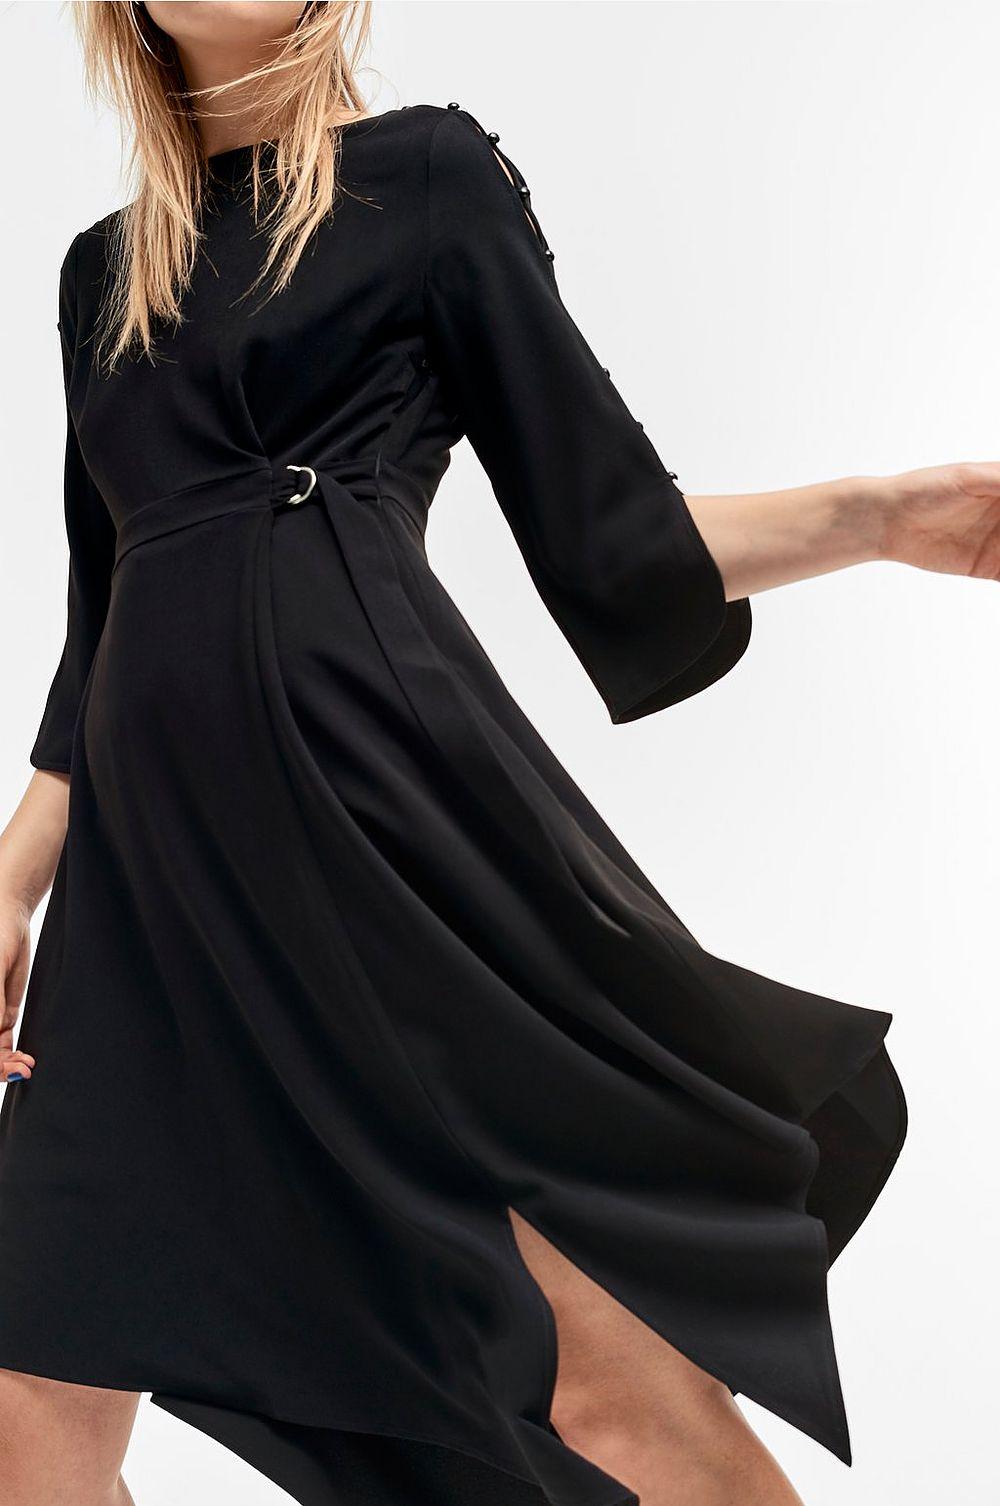 0b322fbf1b63 Kom ihåg att när det gäller svarta klänningar kan det vara en bra idé att  ta ut svängarna lite extra. Spana in den här snygga klänningen från Ellos  (adlink) ...